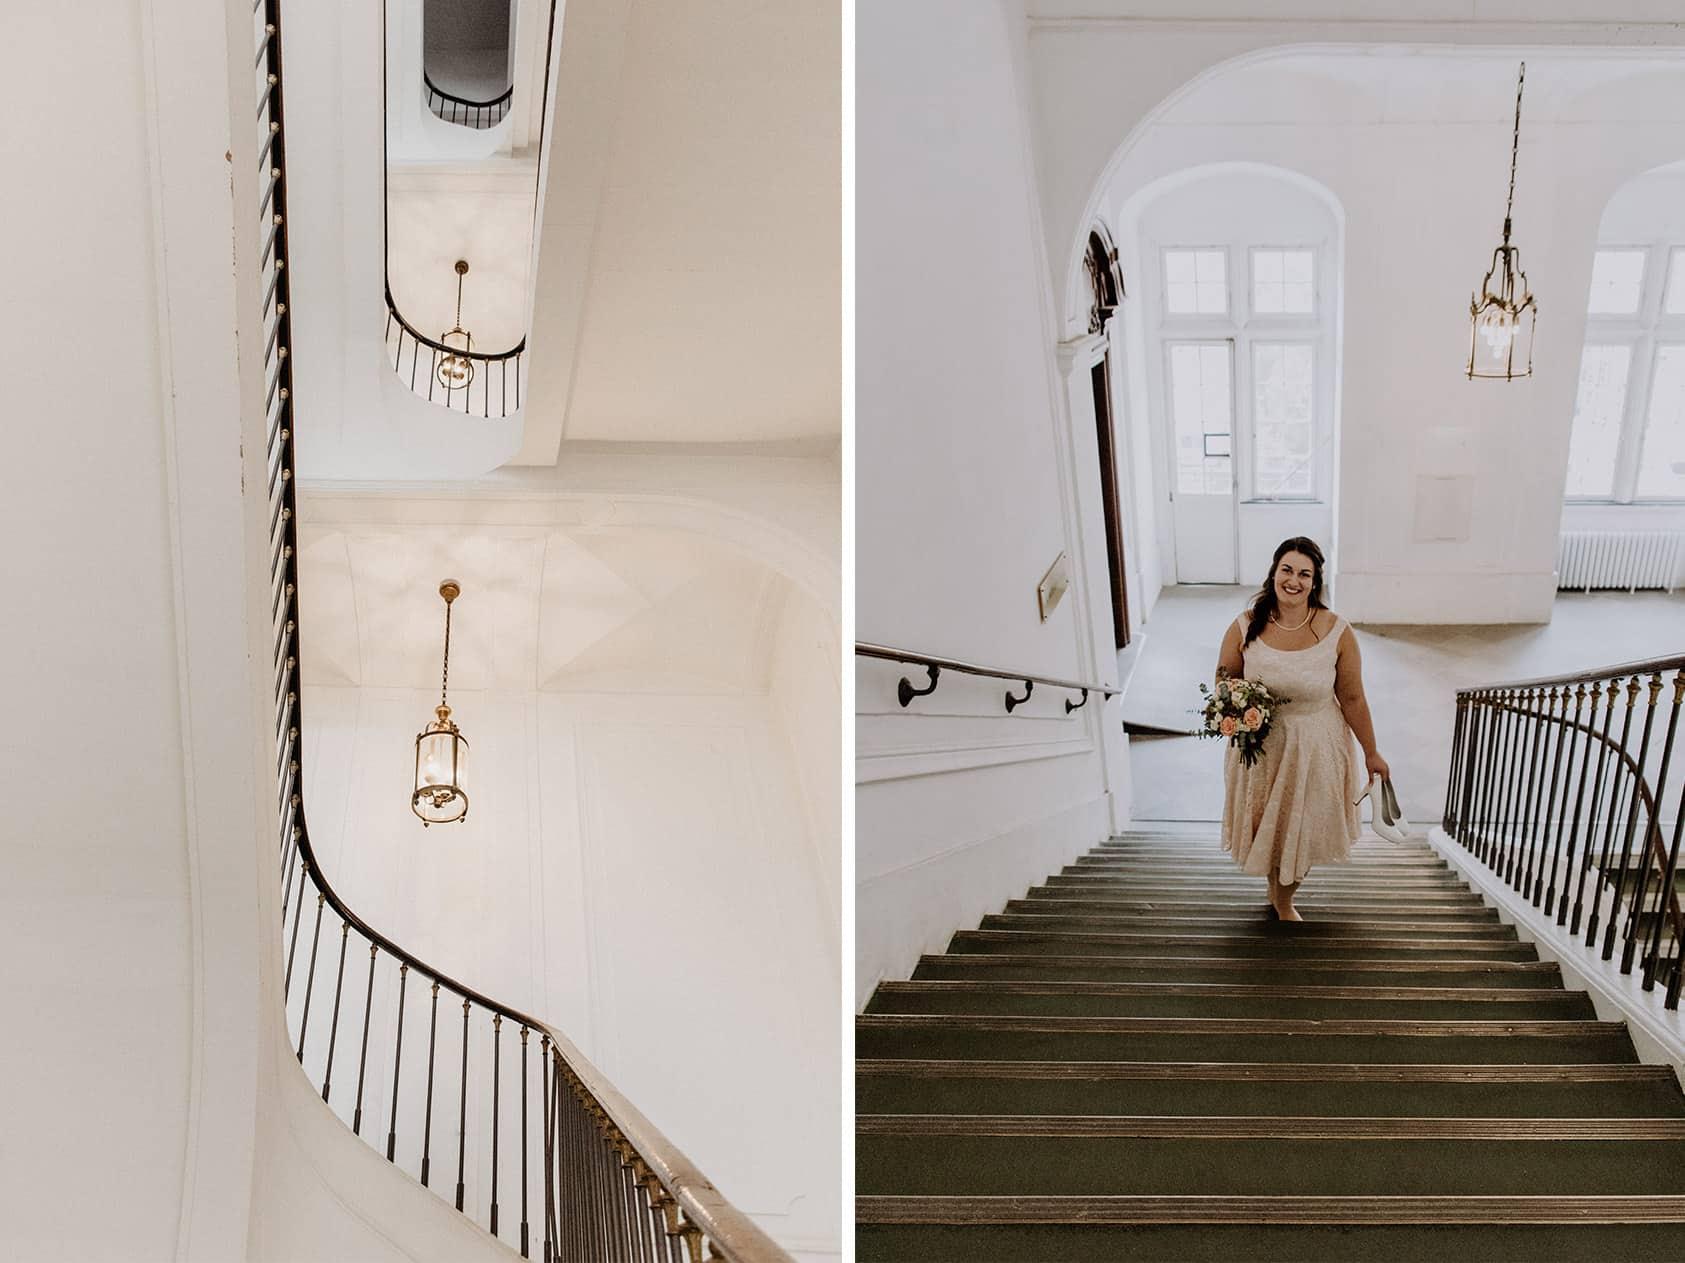 Vintagehochzeit-Mainz-Kurfuerstenschloss-Mainz-Hochzeitsreportage-Mainz-Bohohochzeit-Hochzeitsfotos Mainz